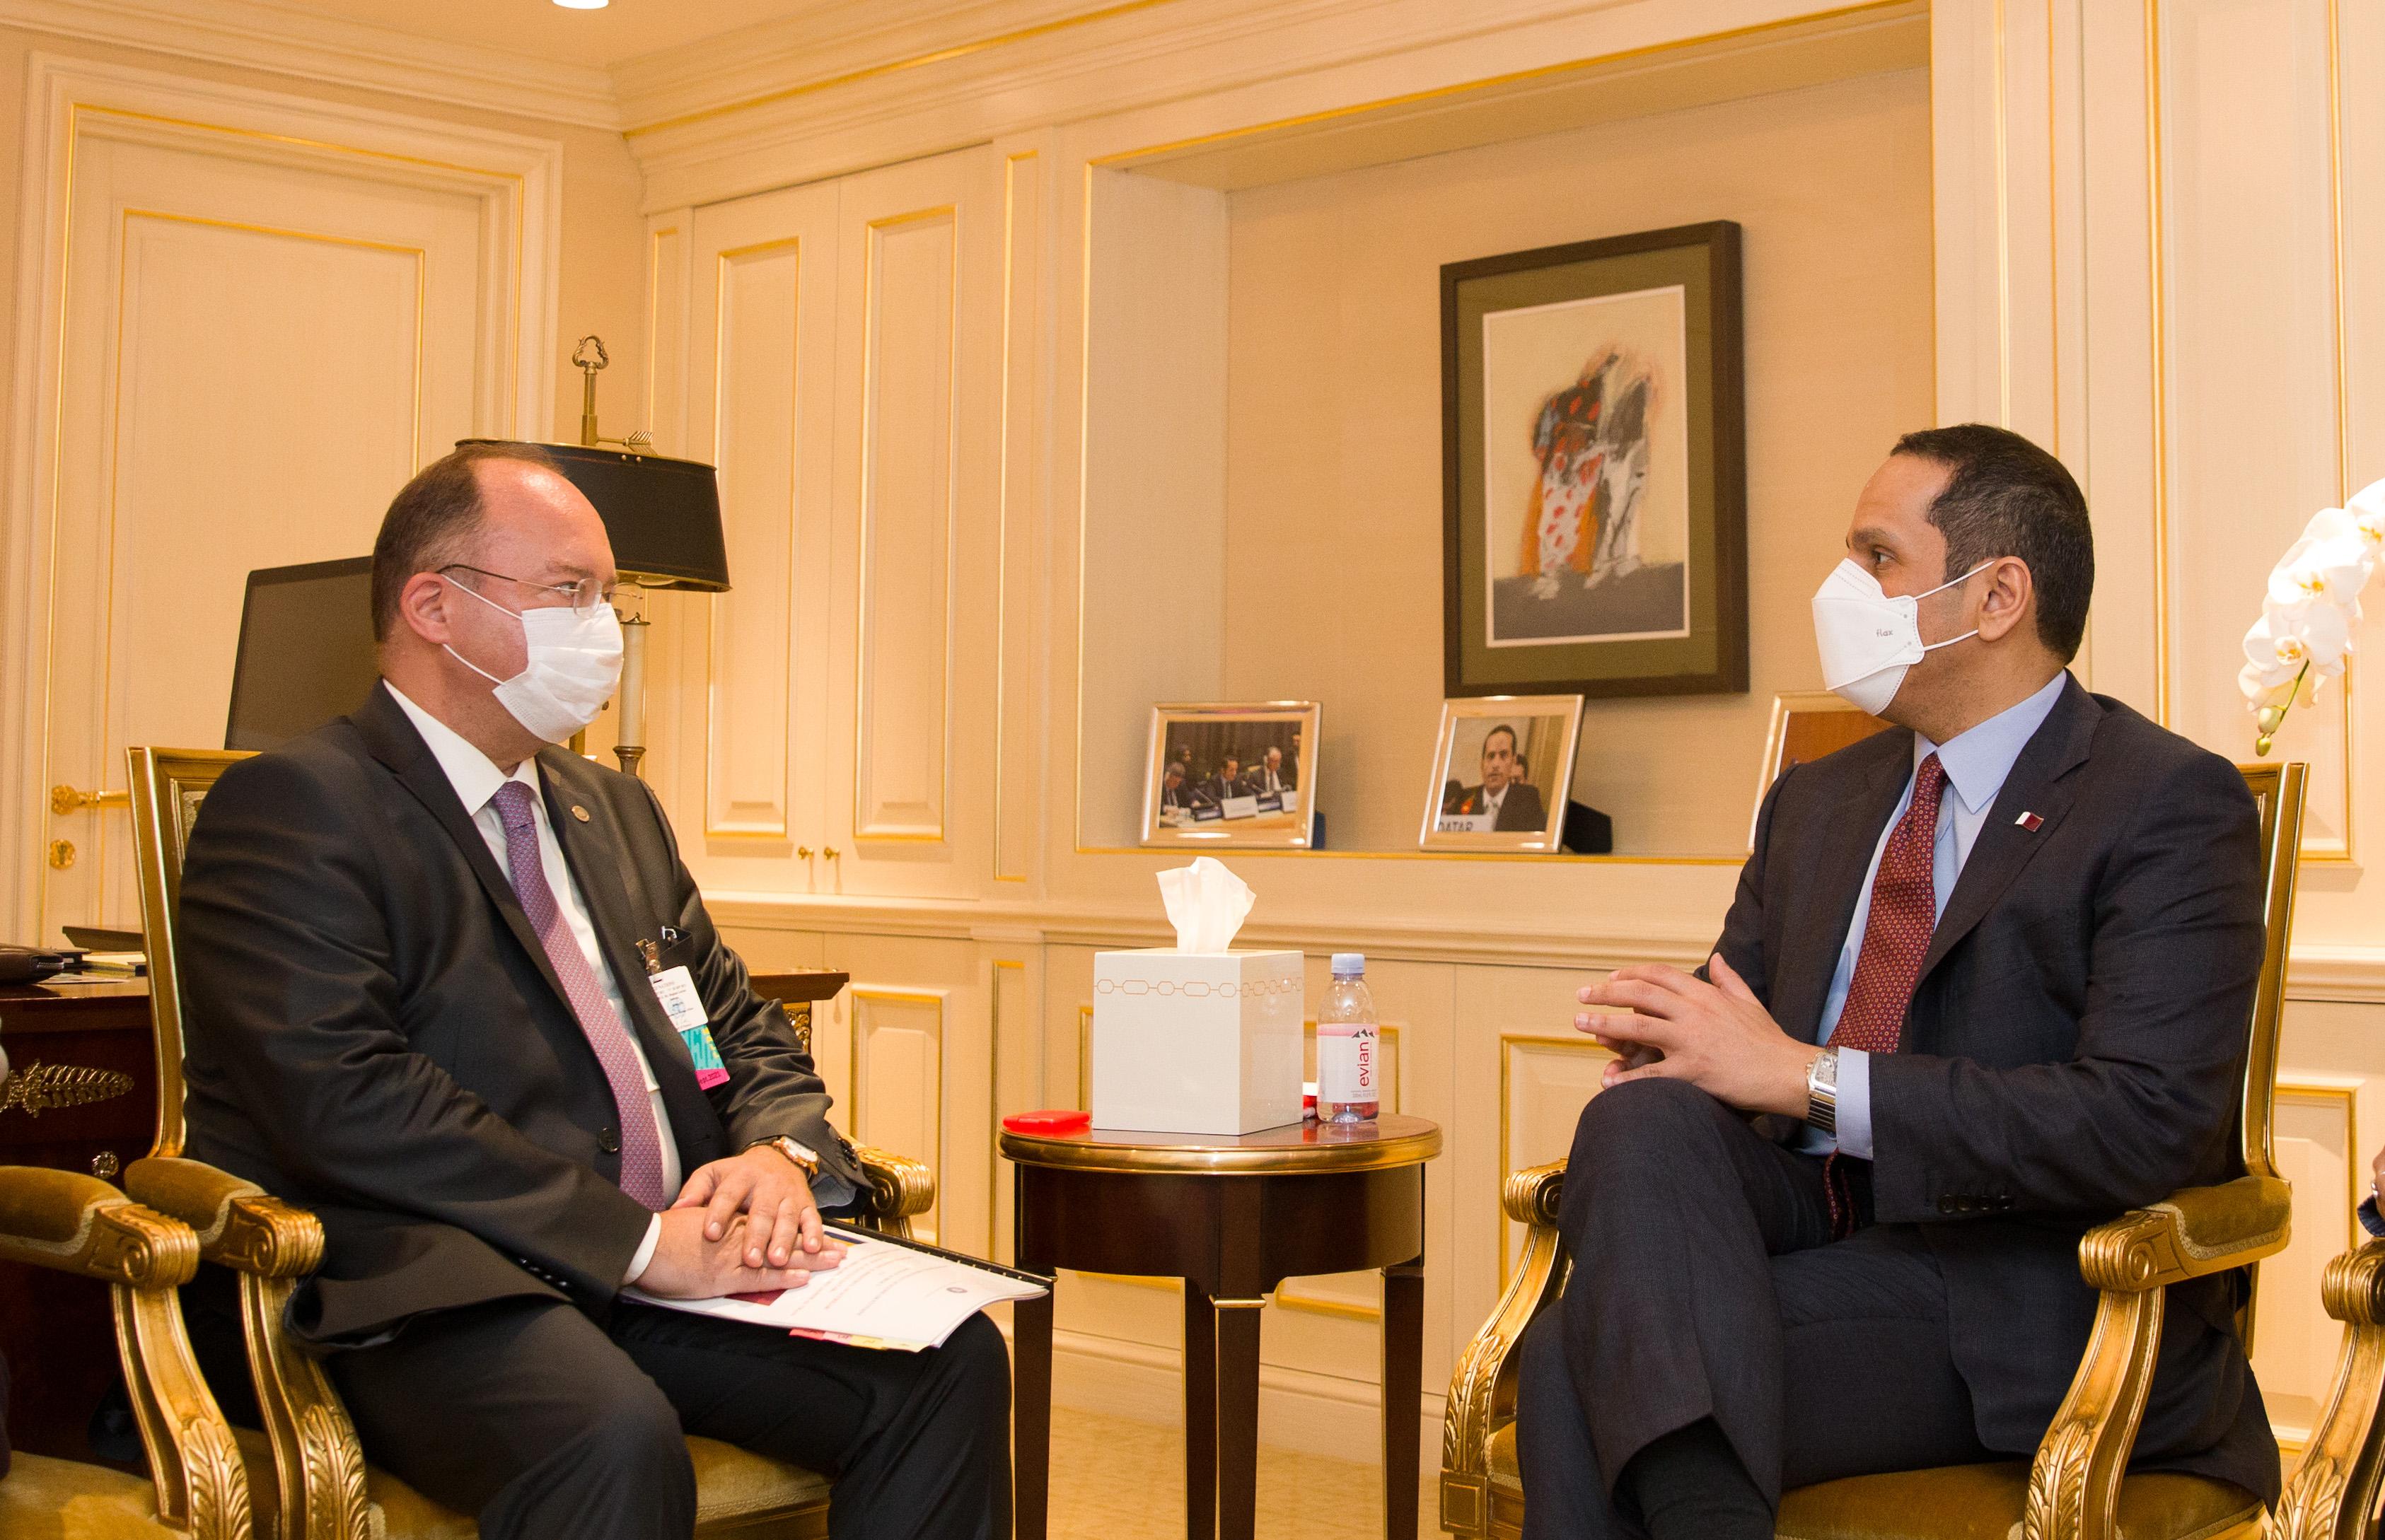 نائب رئيس مجلس الوزراء وزير الخارجية يجتمع مع عدد من المسؤولين على هامش اجتماعات الجمعية العامة للأمم المتحدة